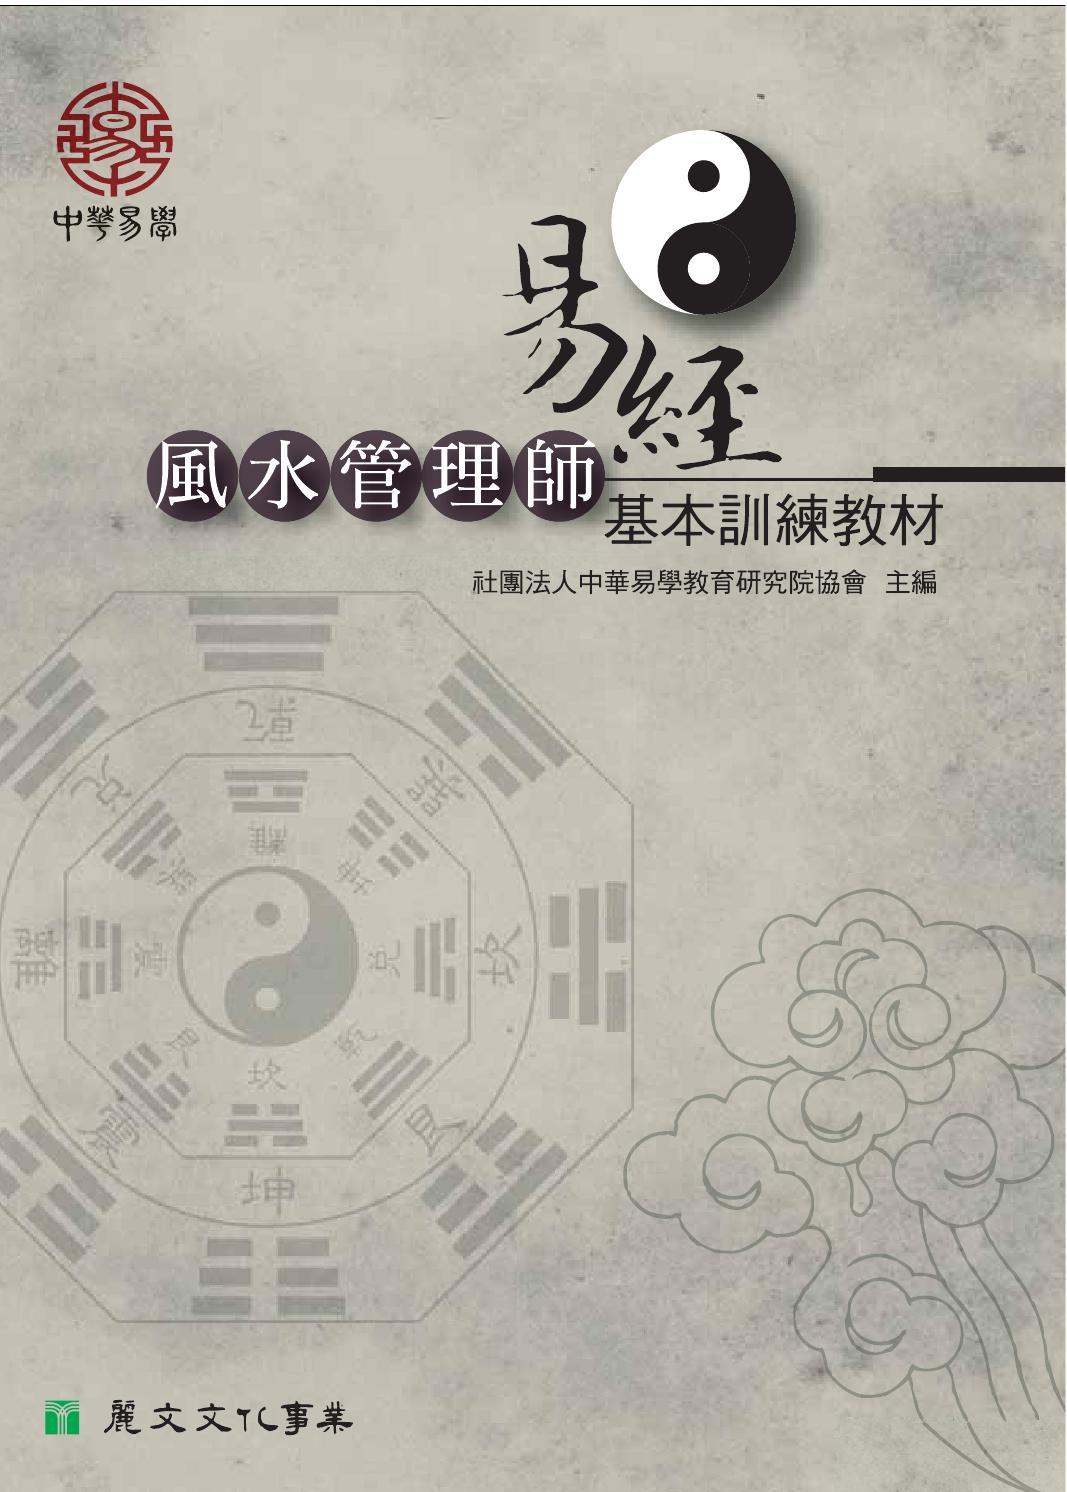 易經風水管理師基本訓練教材 by Chuliu 巨流圖書 - Issuu